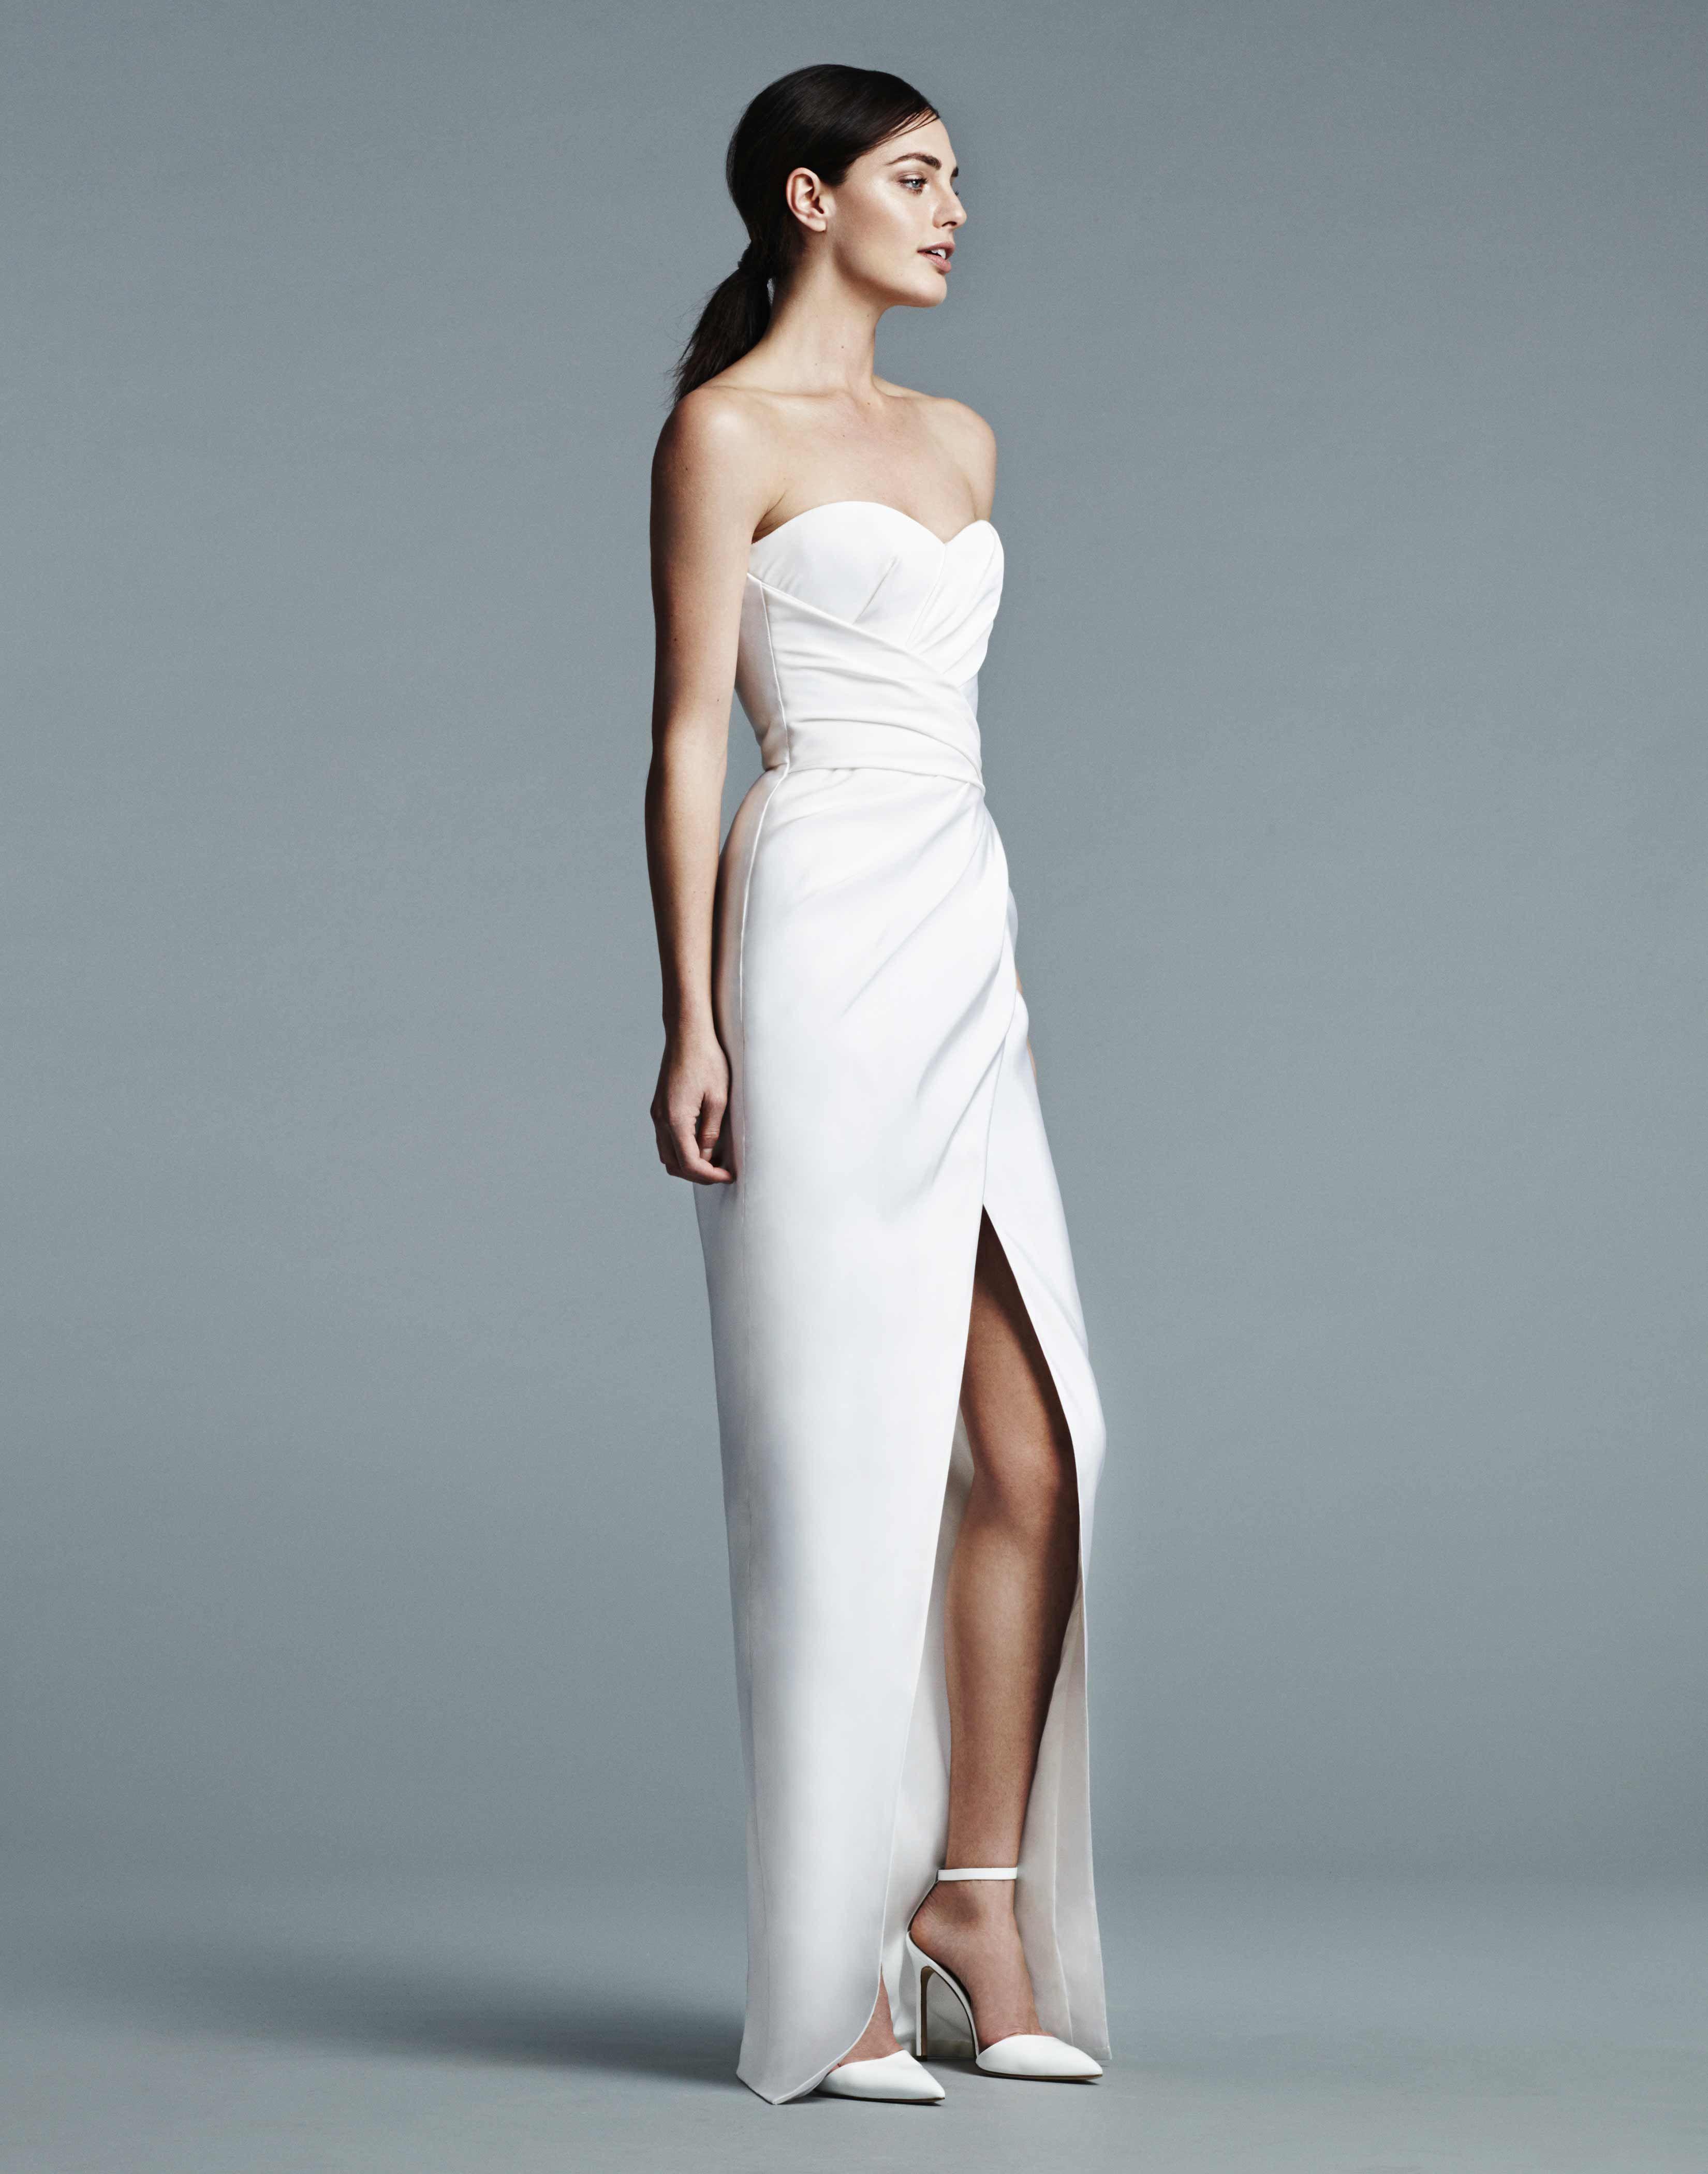 j mendel wedding dress Designs Wedding dresses from J Mendel Designs Robes de